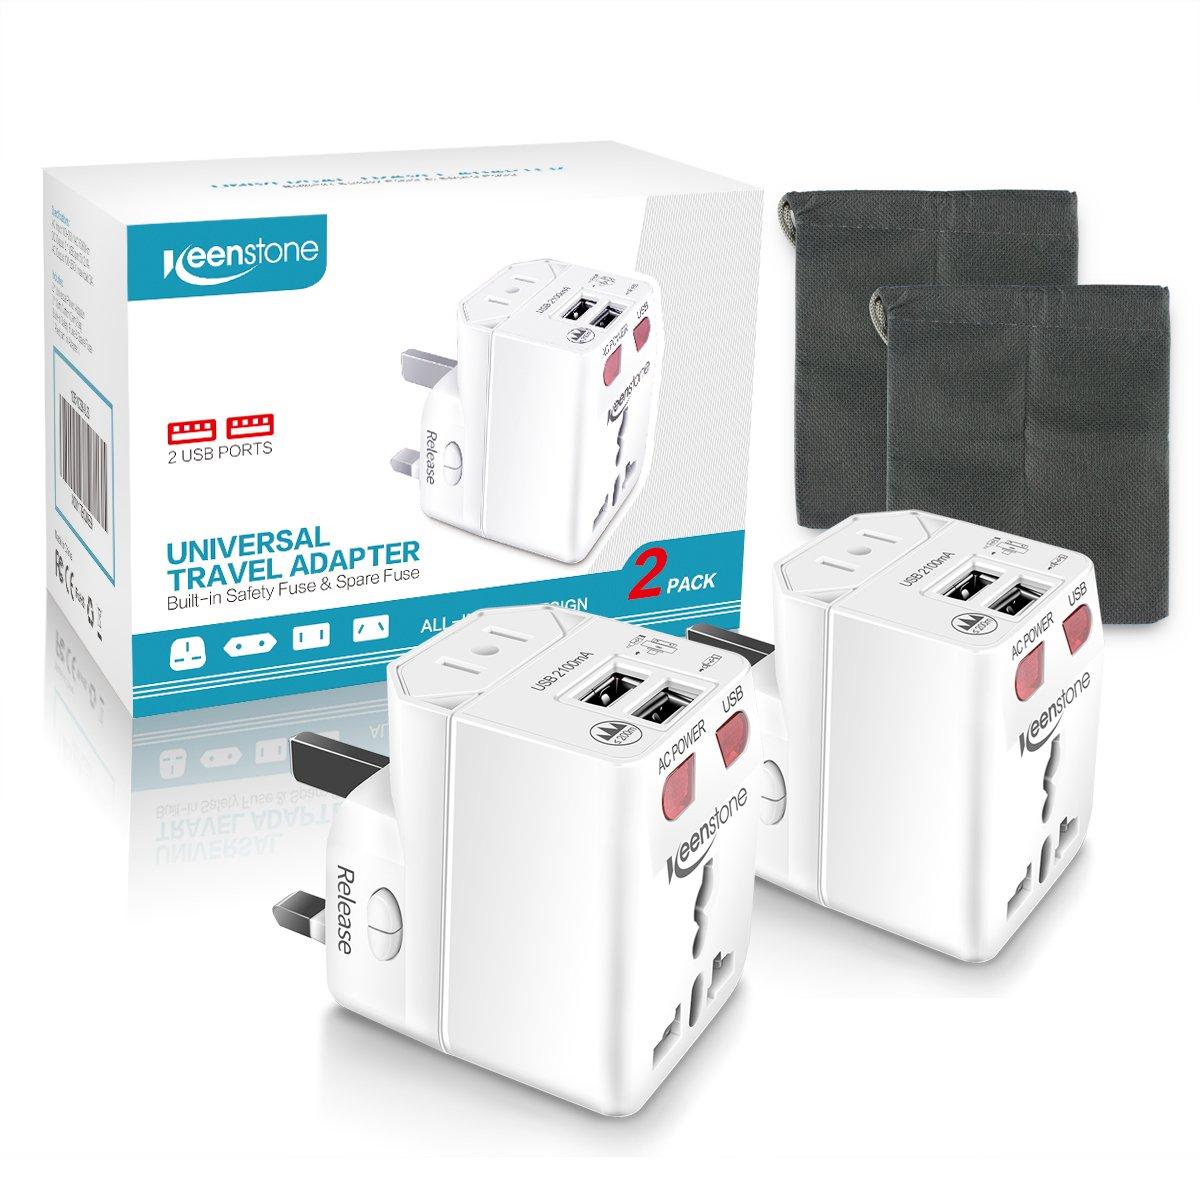 Keenstone 2PCS Adaptador Universal de Viaje, Adaptador de Enchufe Internacional con Dual USB Puertos para US EU UK AU, Indicador de LED Luz para Aclarar El Estado de Carga, Seguridad de Fusible Doble